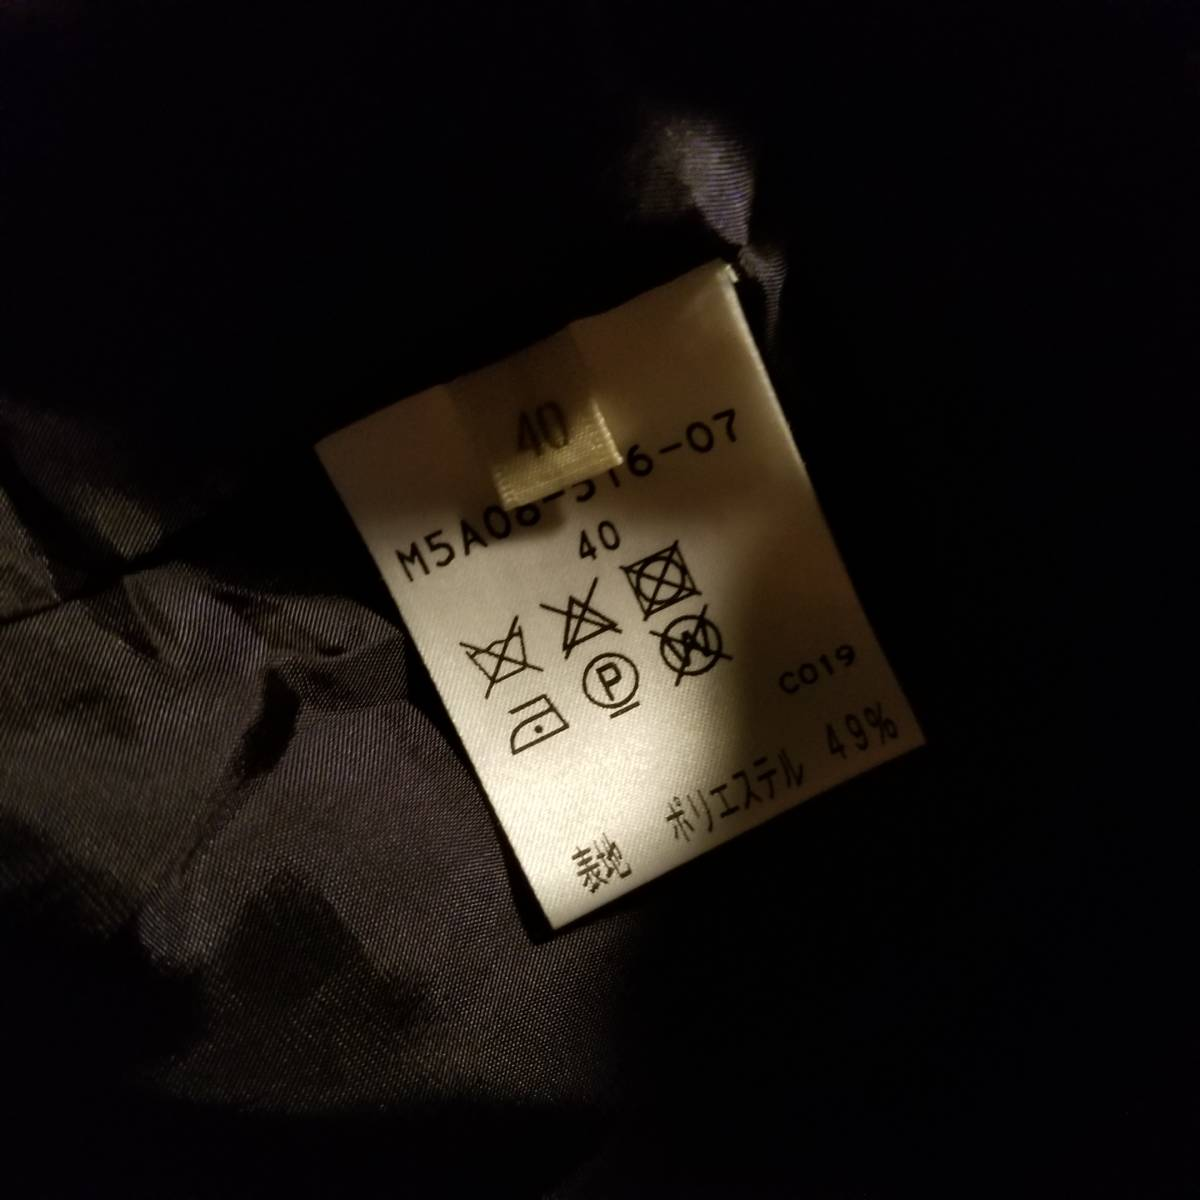 カタログ掲載★EPOCAエポカ★定価129,600円 スタイリッシュなフリンジデザインのお洒落コート グレー40_画像9